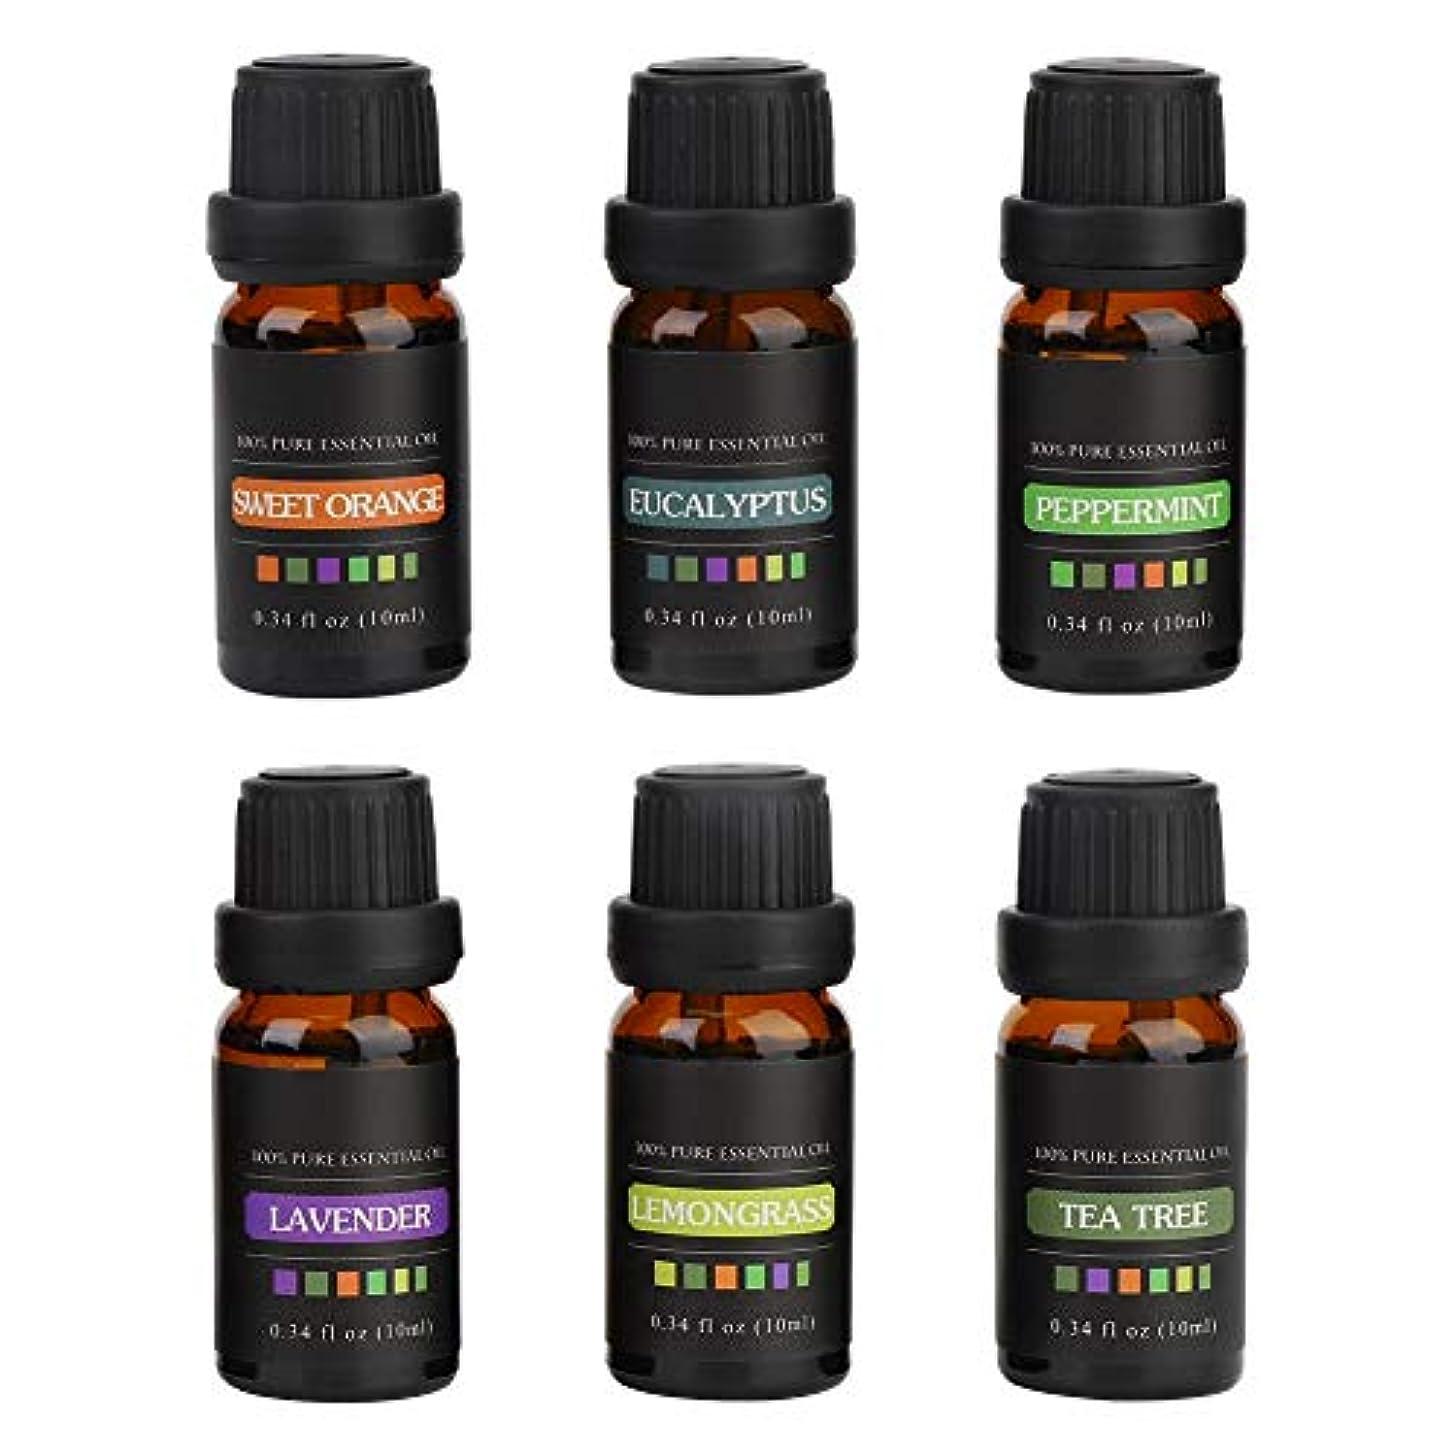 エッセンシャルオイル - 6ボトルギフトSet10MLナチュラル香り高い入浴シャワーマッサージ血清リラックス